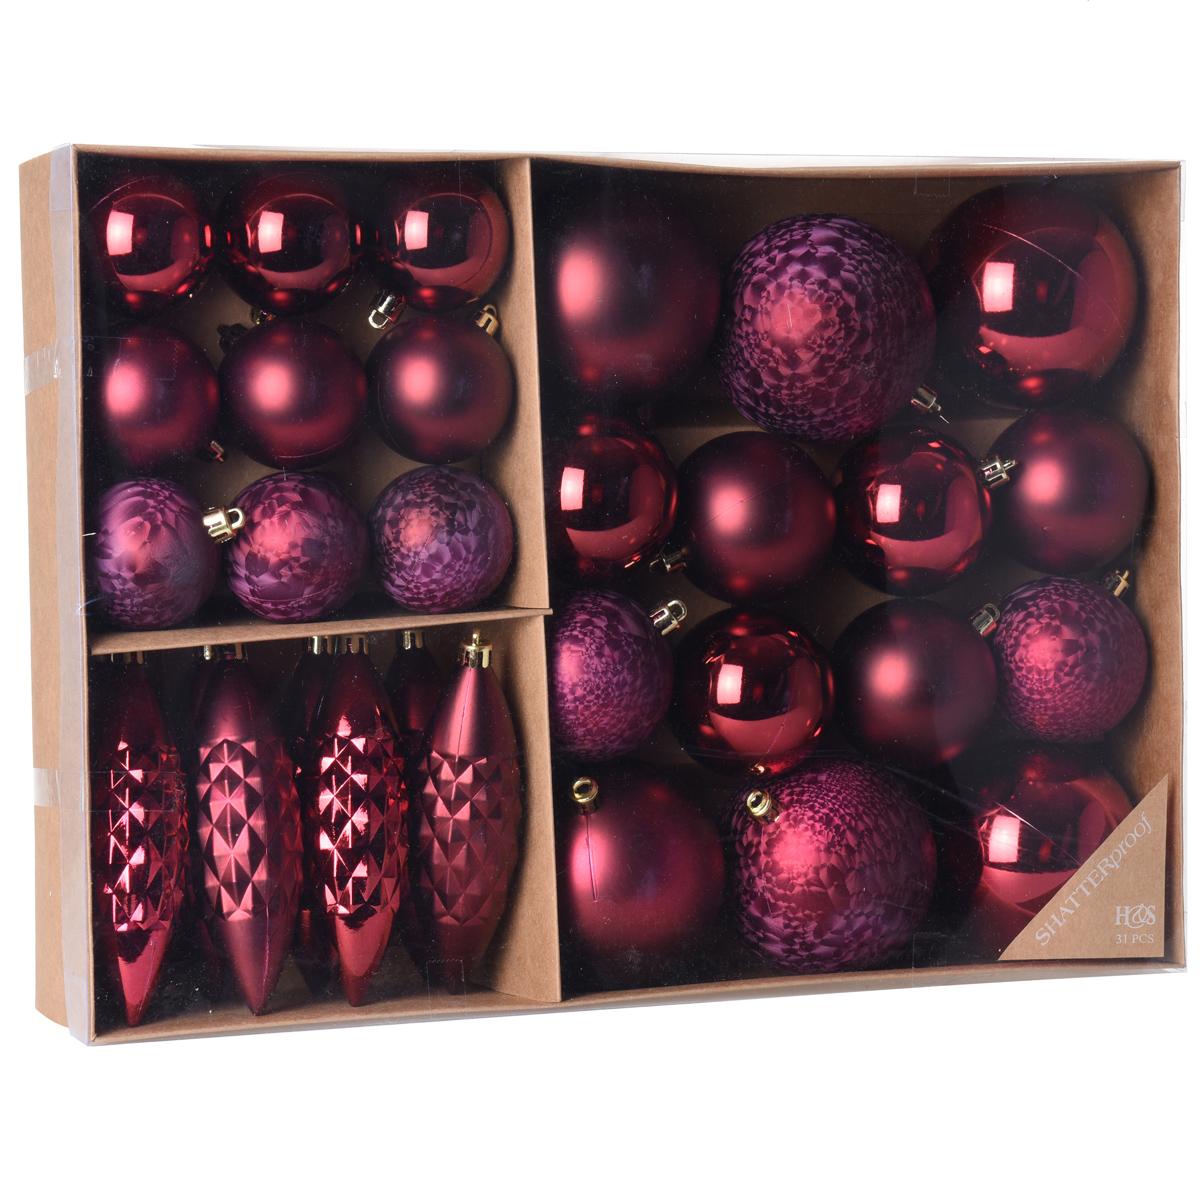 31 tlg set weihnachtskugeln baumschmuck weihnachtsbaum. Black Bedroom Furniture Sets. Home Design Ideas